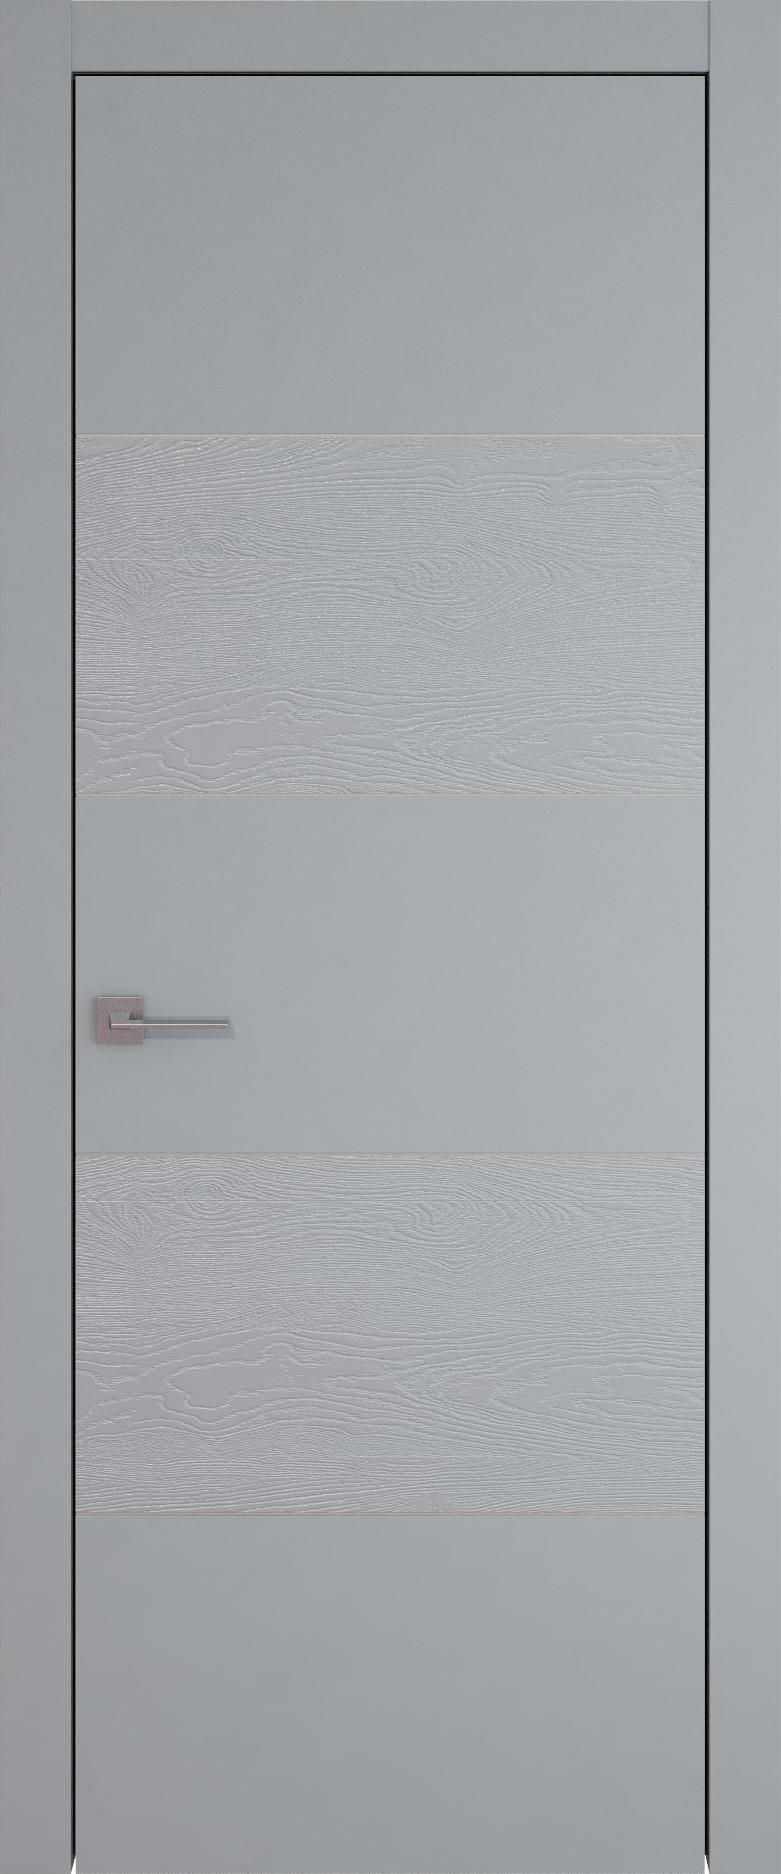 Tivoli Д-2 цвет - Серебристо-серая эмаль-эмаль по шпону (RAL 7045) Без стекла (ДГ)